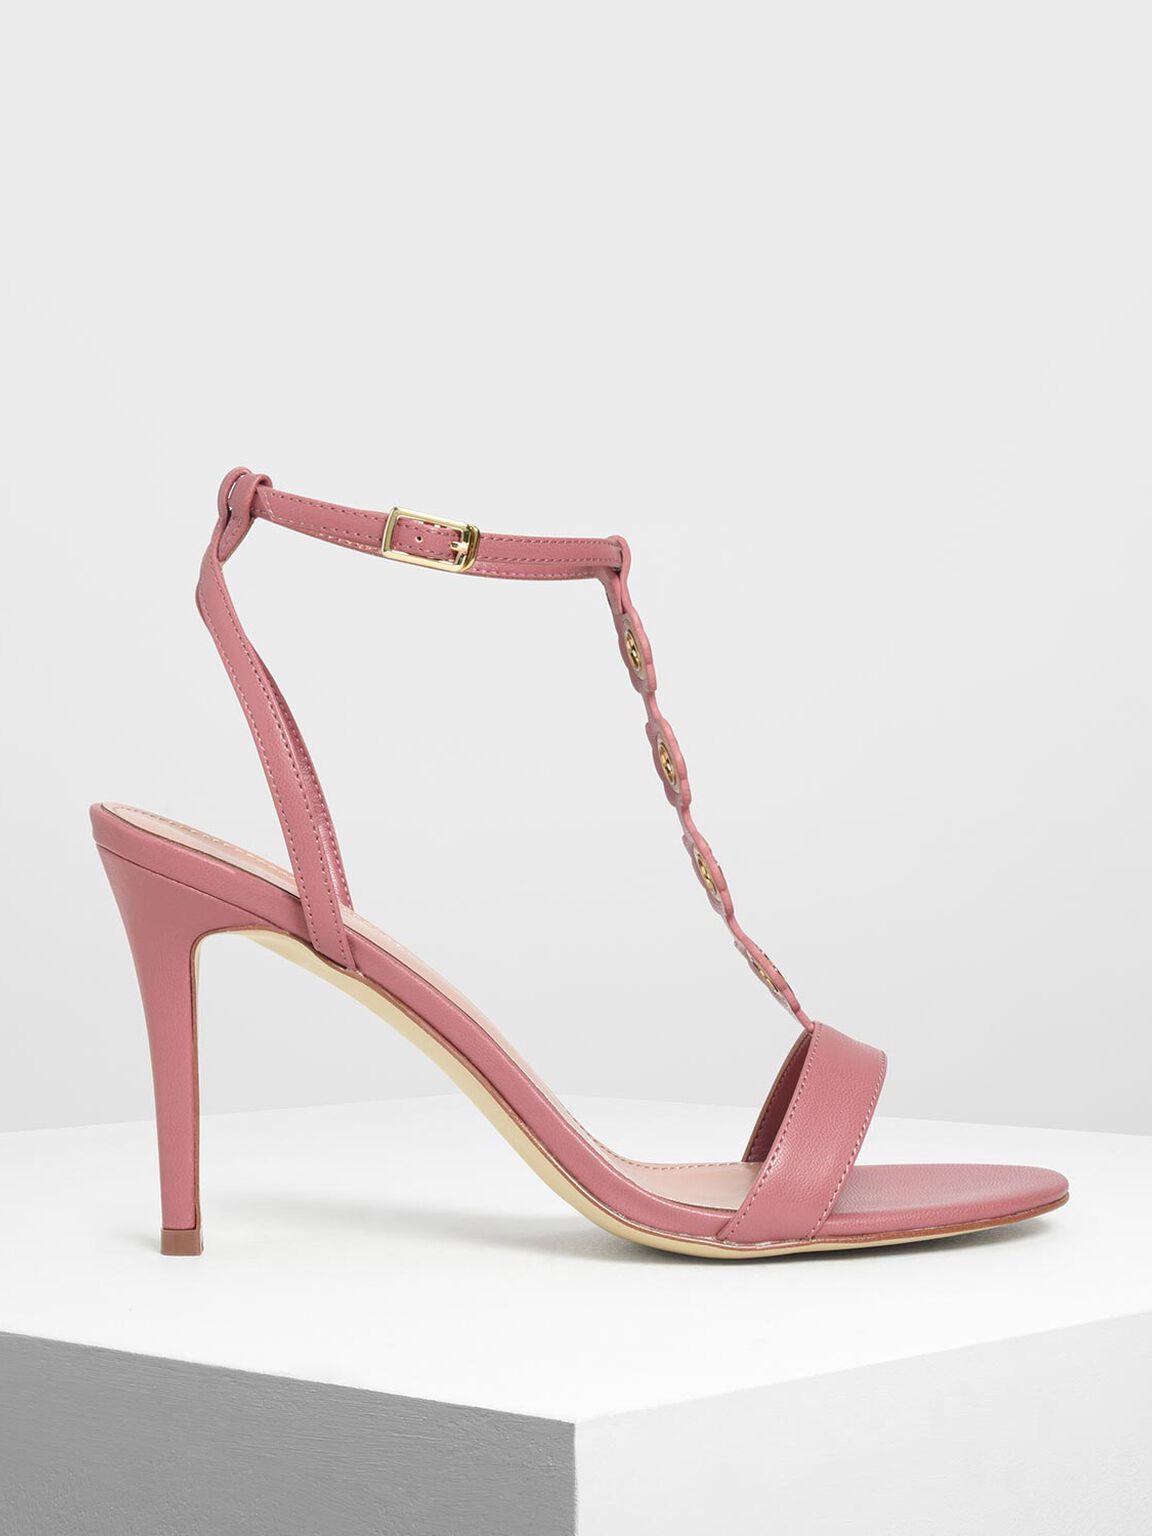 Floral Eyelet Heeled Sandals, Coral Pink, hi-res